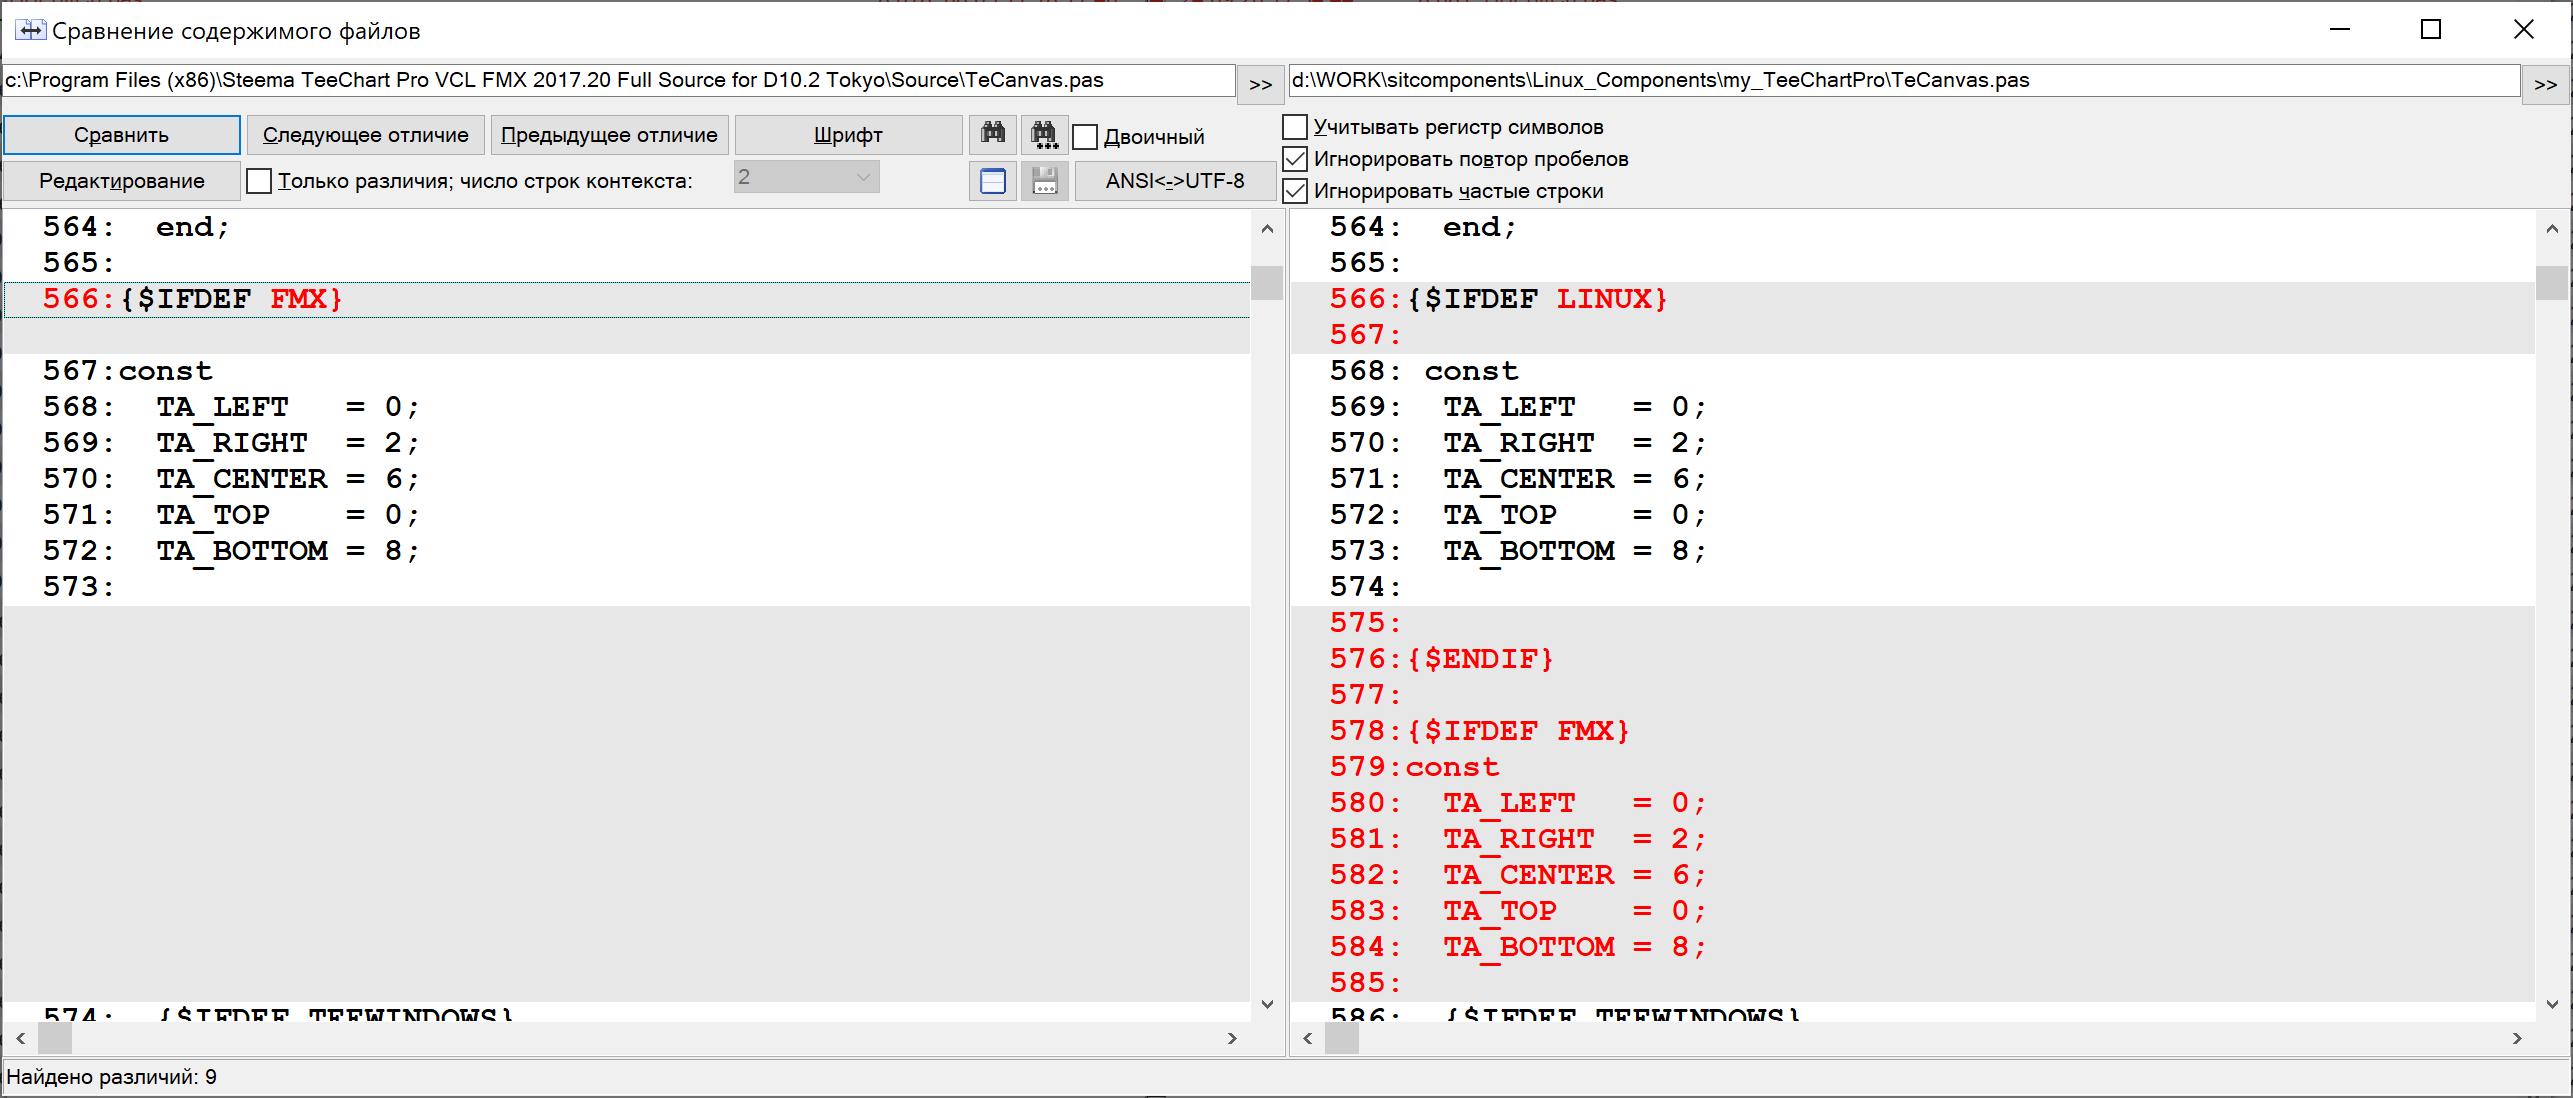 Особенности портирования сложного модульного ПО написанного на Delphi под ОС Linux - 10